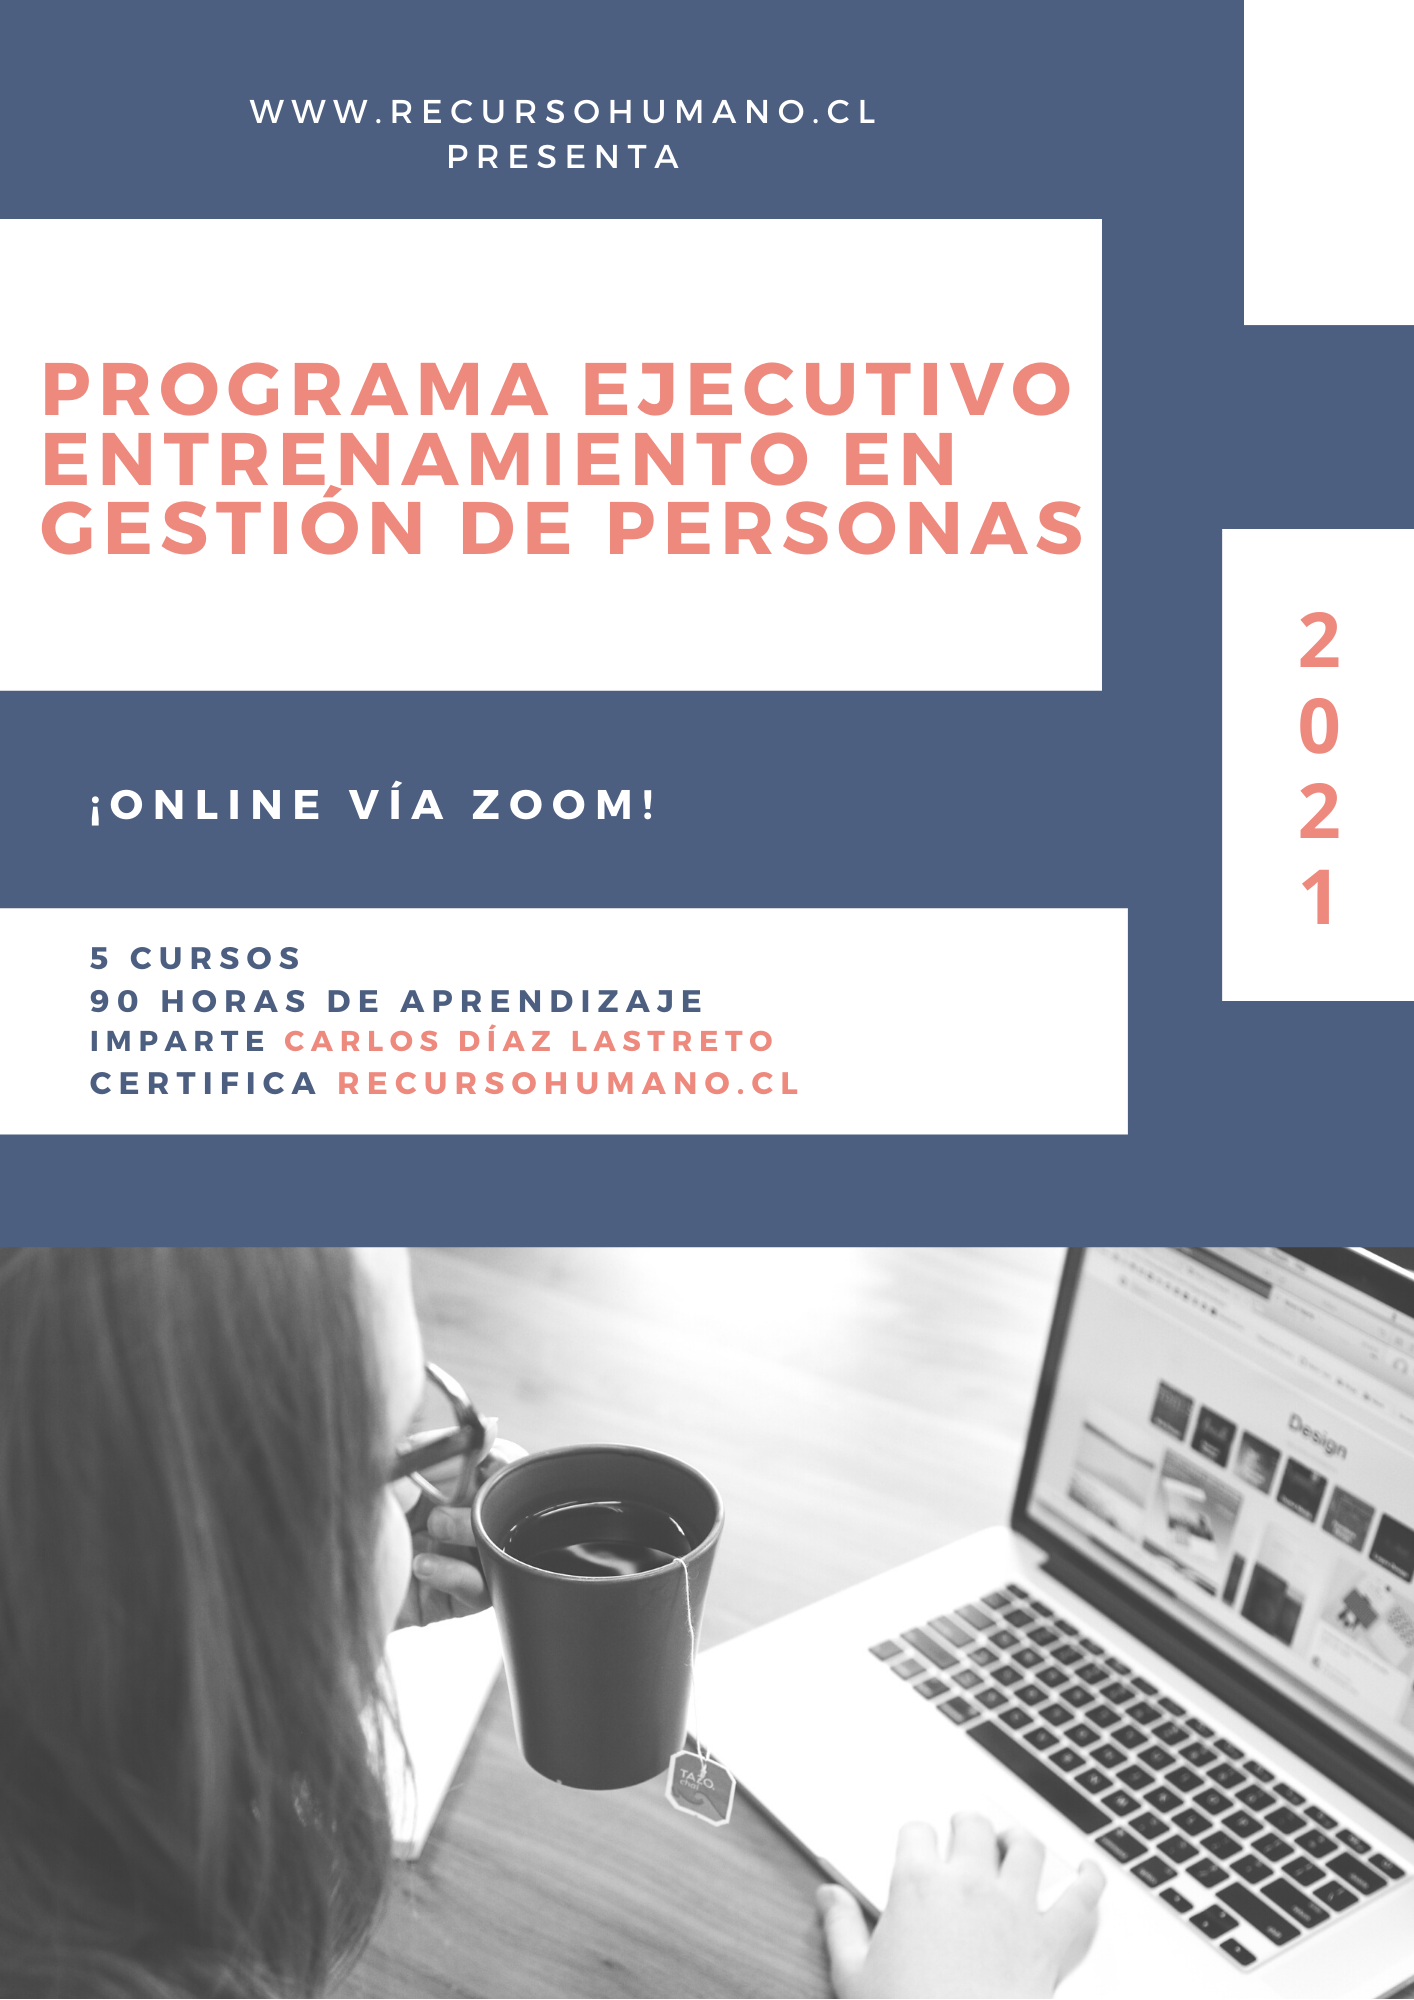 Programa ejecutivo entrenamiento en gestión de personas